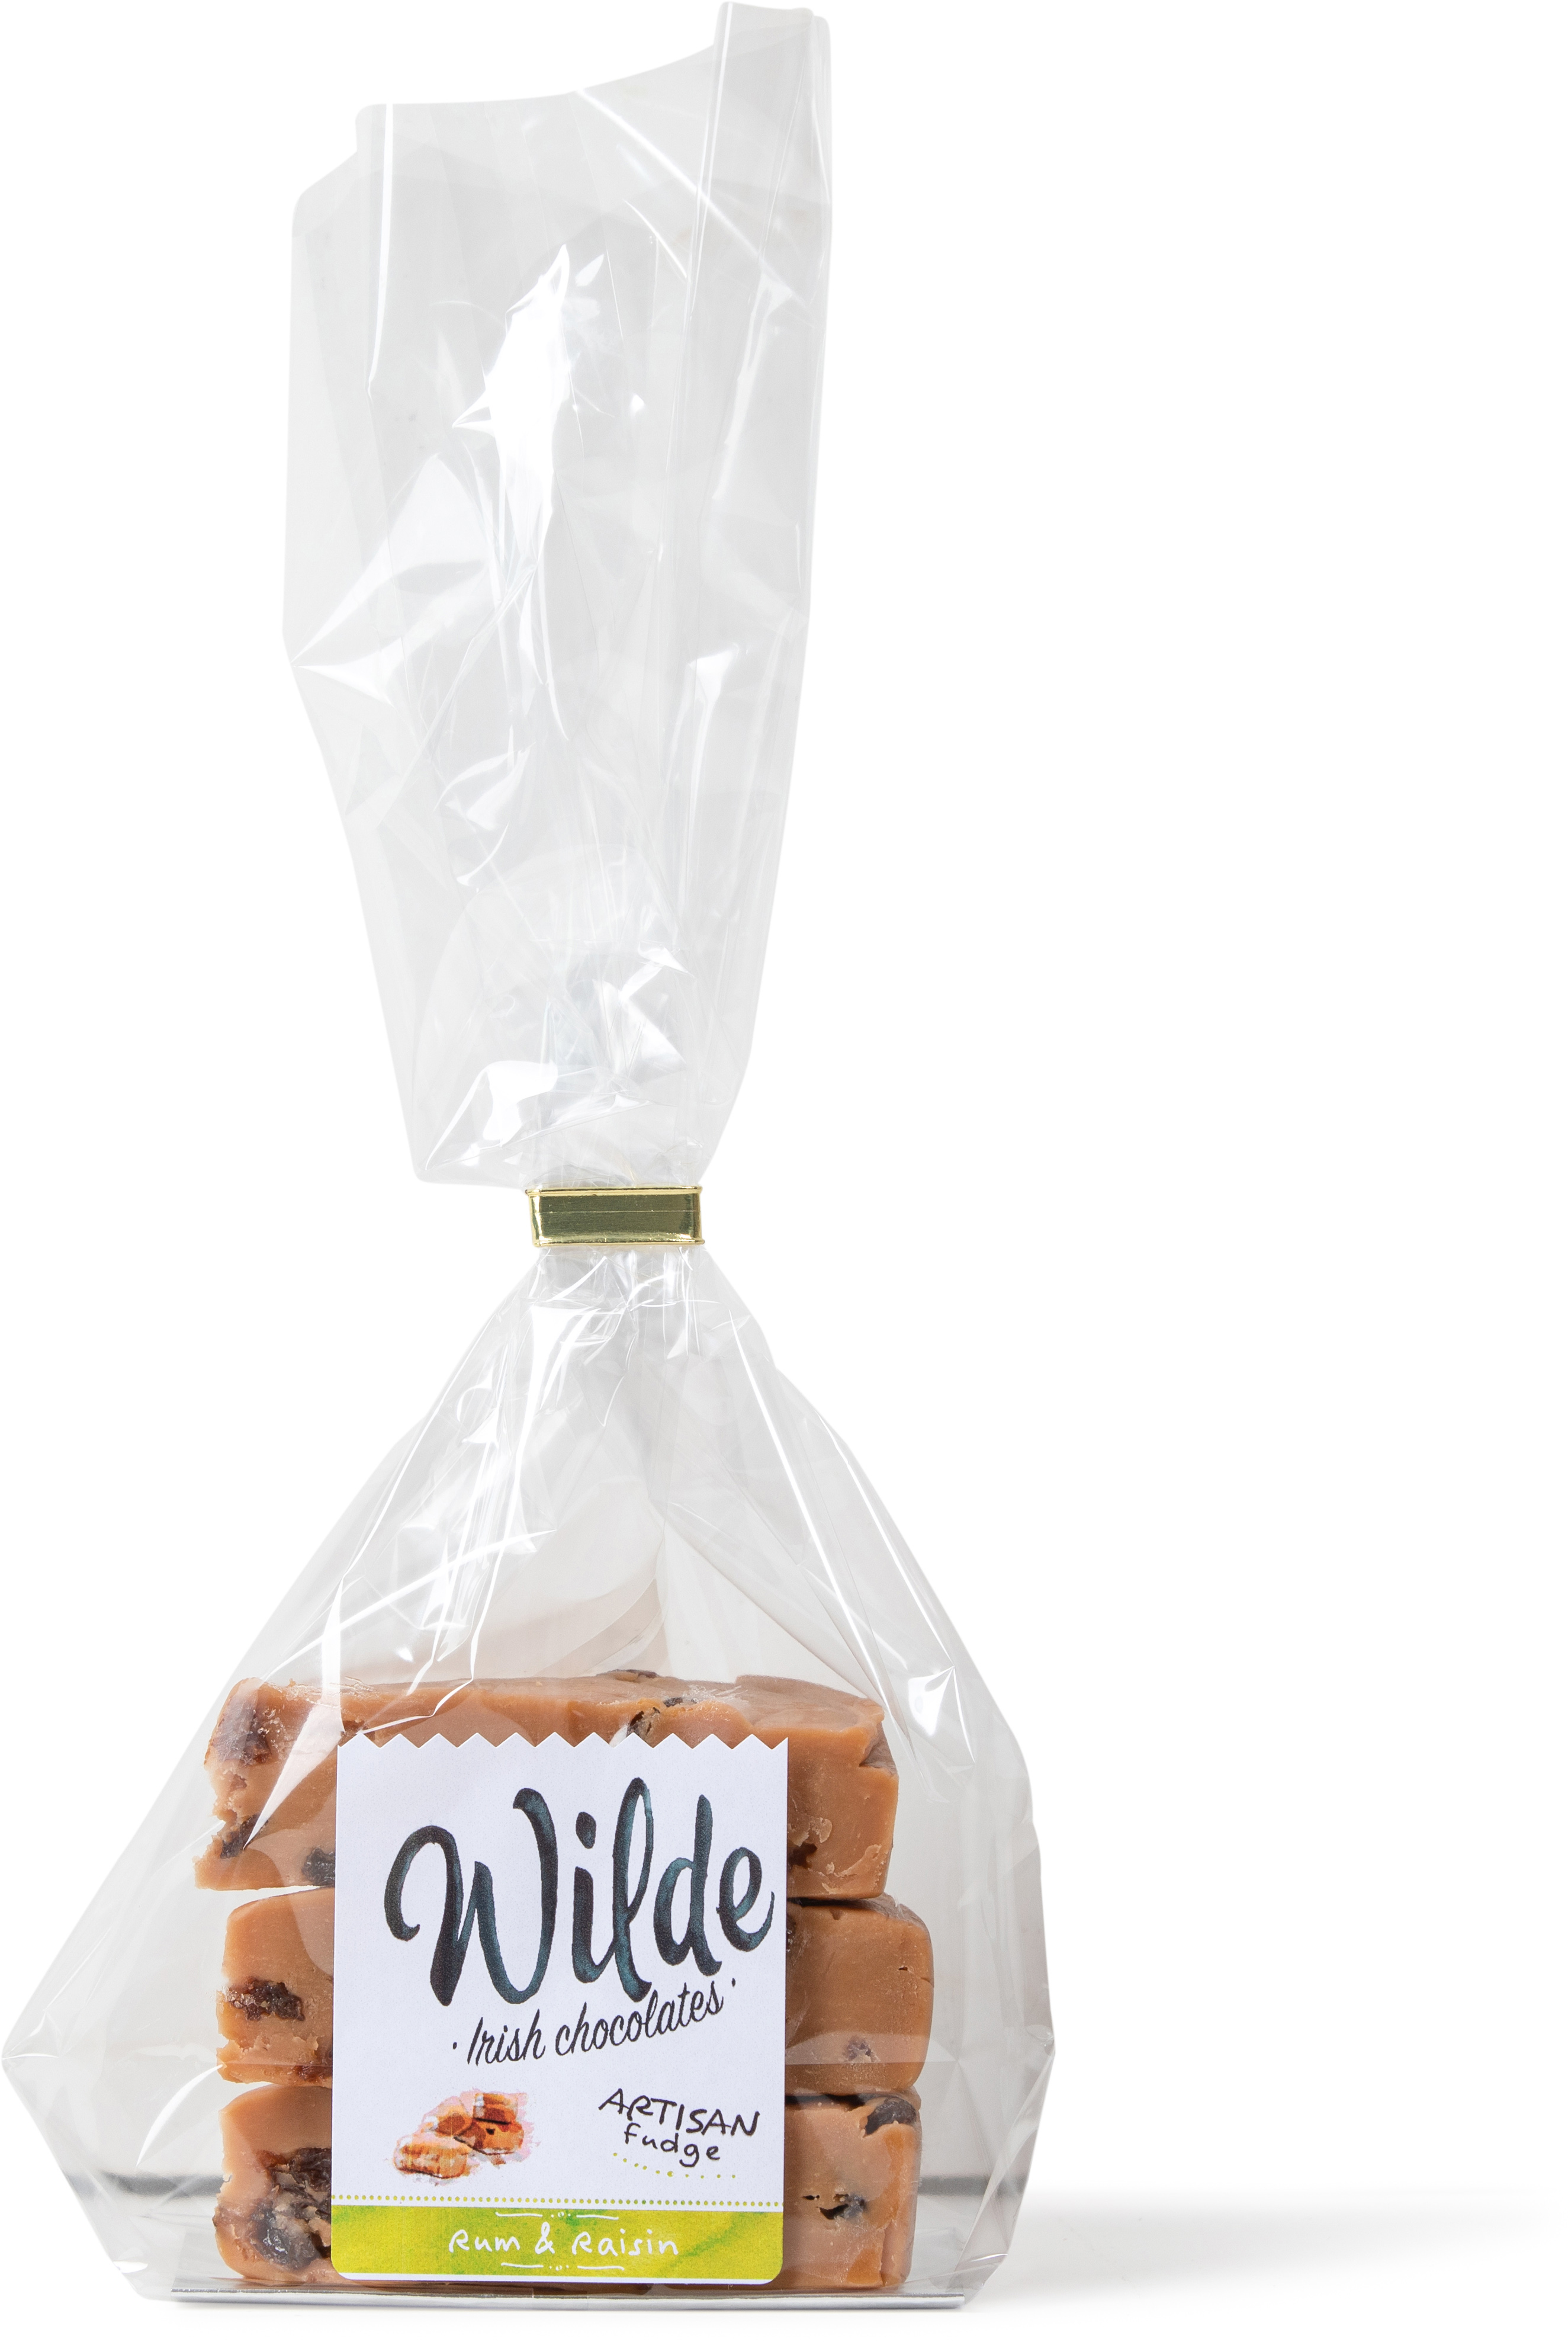 raisin chocolate fudge - Wilde Irish Chocolates